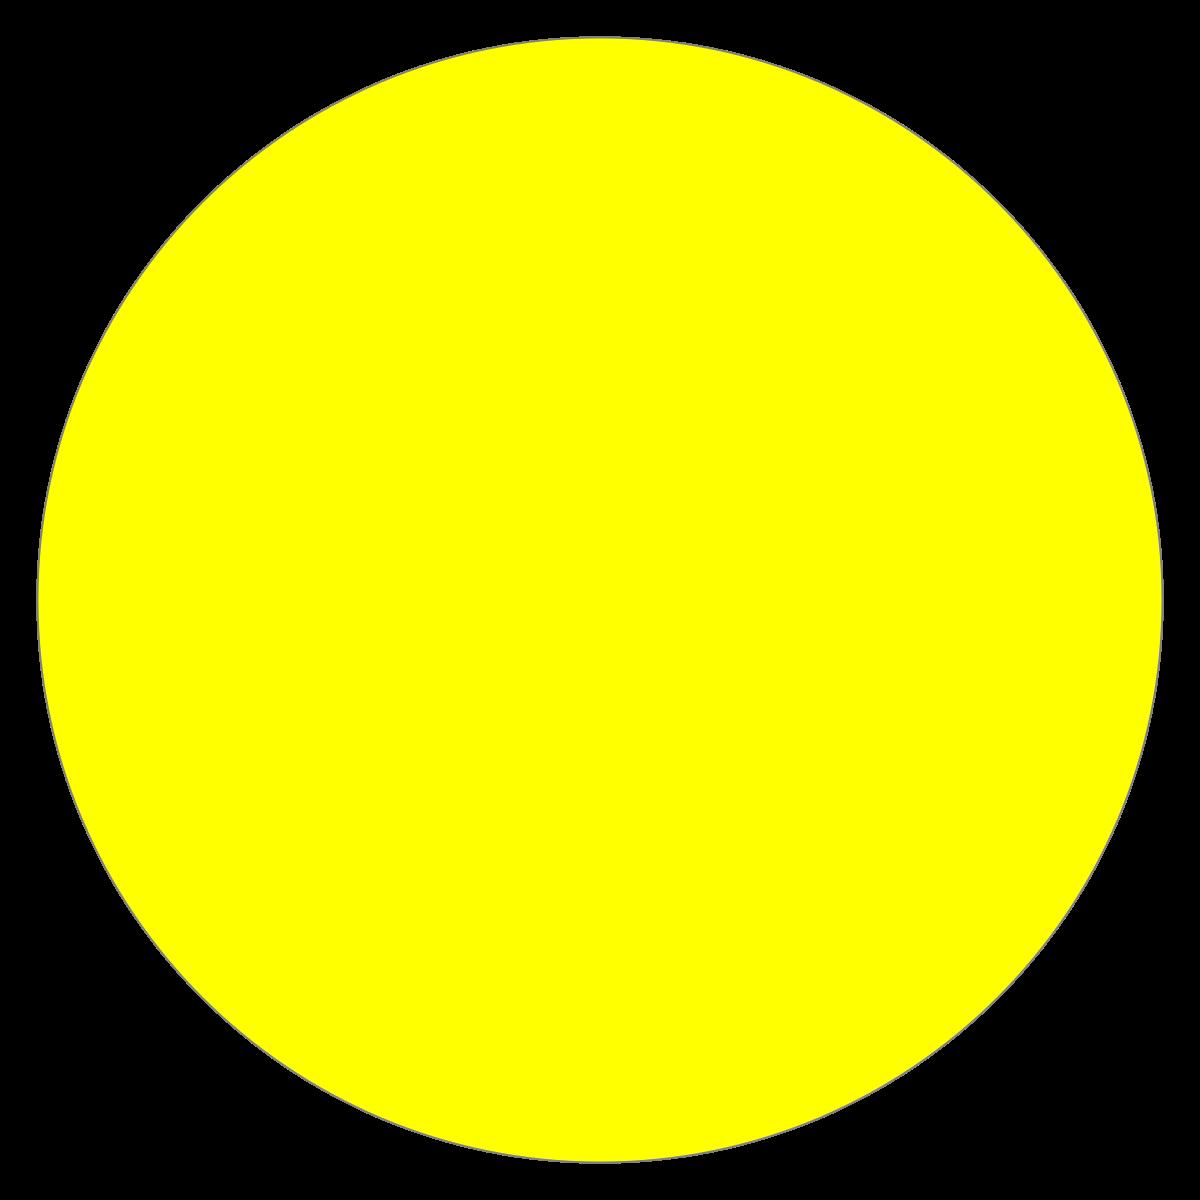 Màu vàng tạo nên sự khác biệt trong thiết kế văn phòng